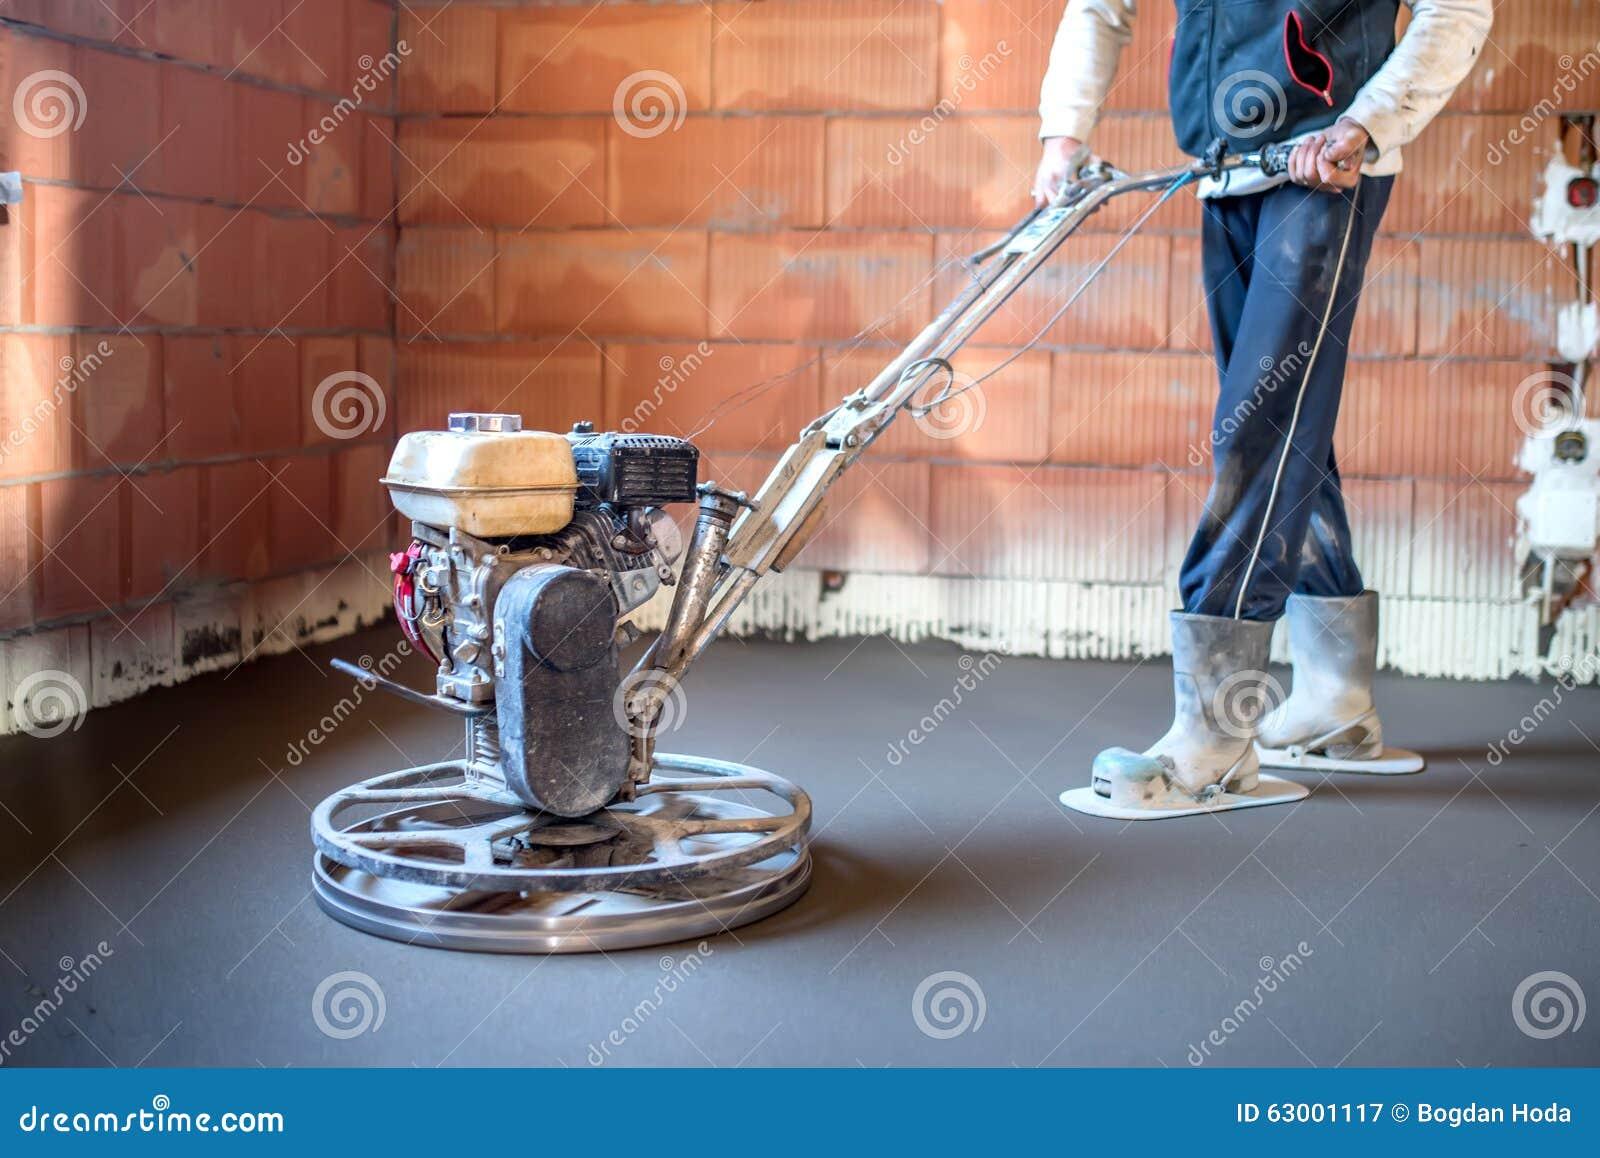 Lavoratore con lo strumento della cazzuola di potere che finisce pavimento di calcestruzzo, superficie di calcestruzzo regolare a